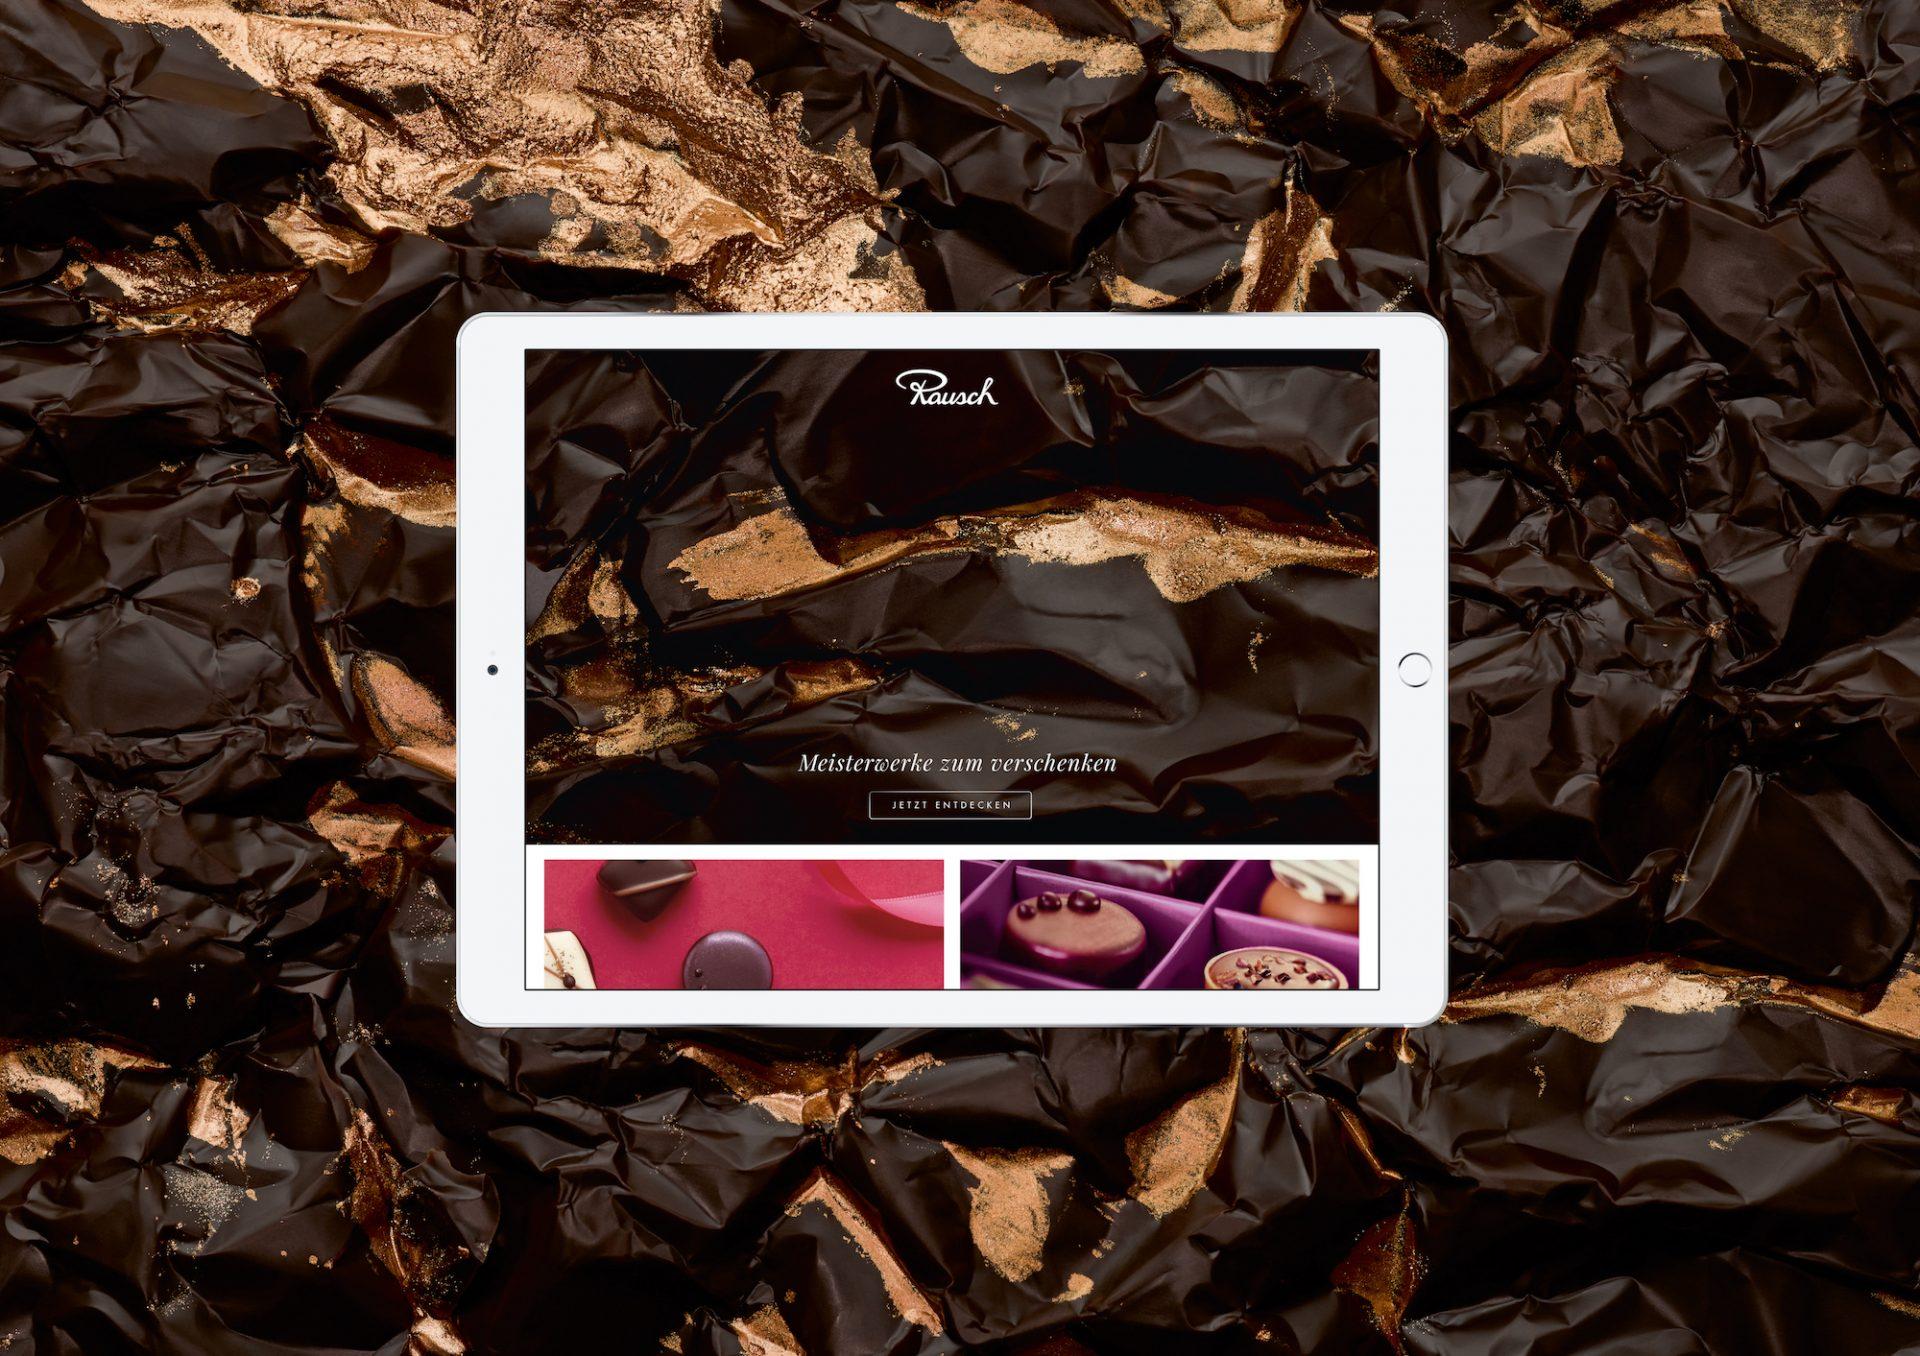 Meisterwerke zum Verschenken. Die neue Website erzählt von der traditionsreichen Geschichte des Berliner Schokoladenherstellers.